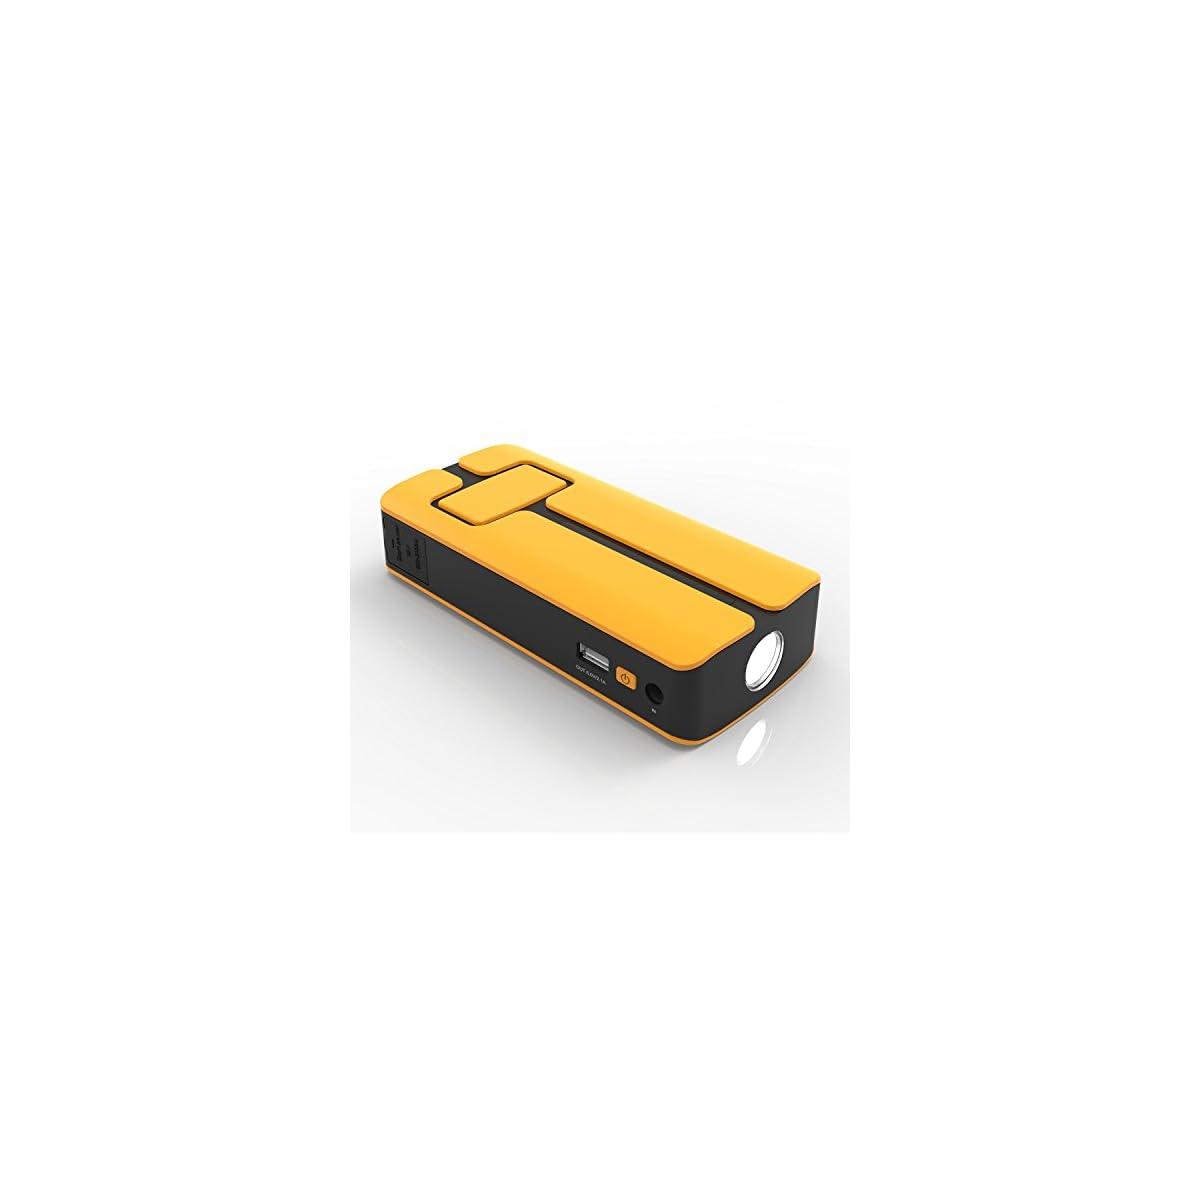 41dEbGYDd0L. SS1200  - MAXOAK Jump Starter Batería Externa de Emergencia para para Arranque de Coche